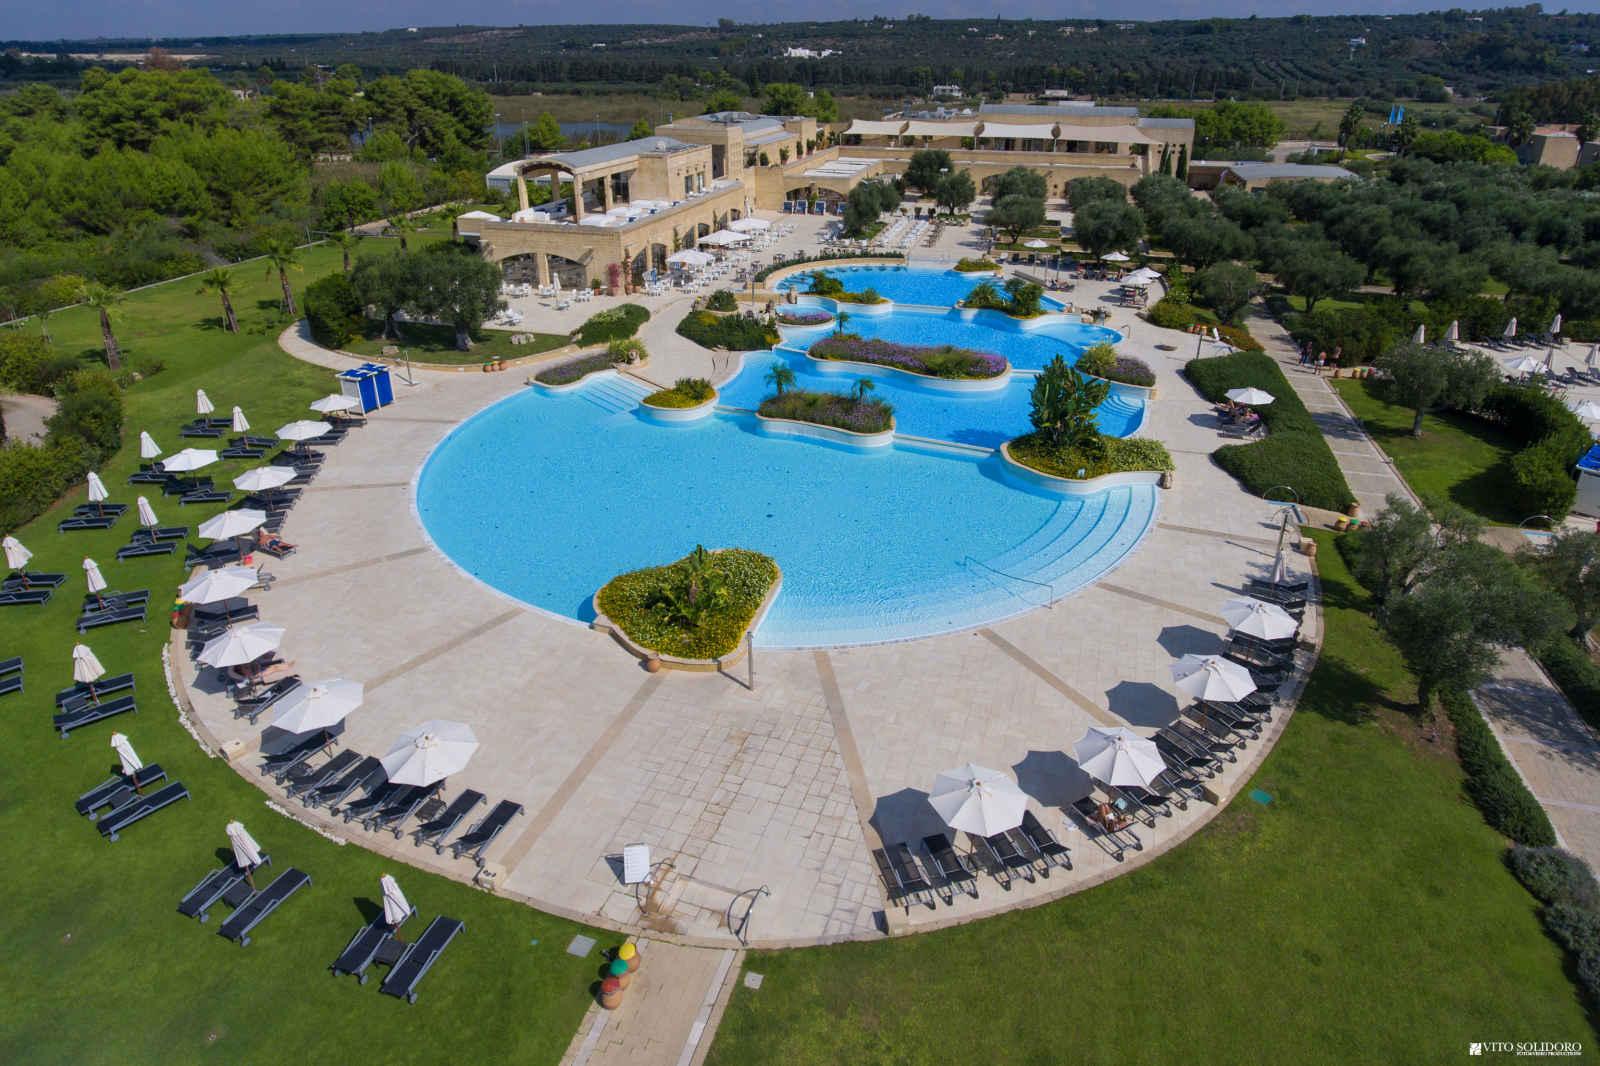 Vivosa Apulia Resort - 4*